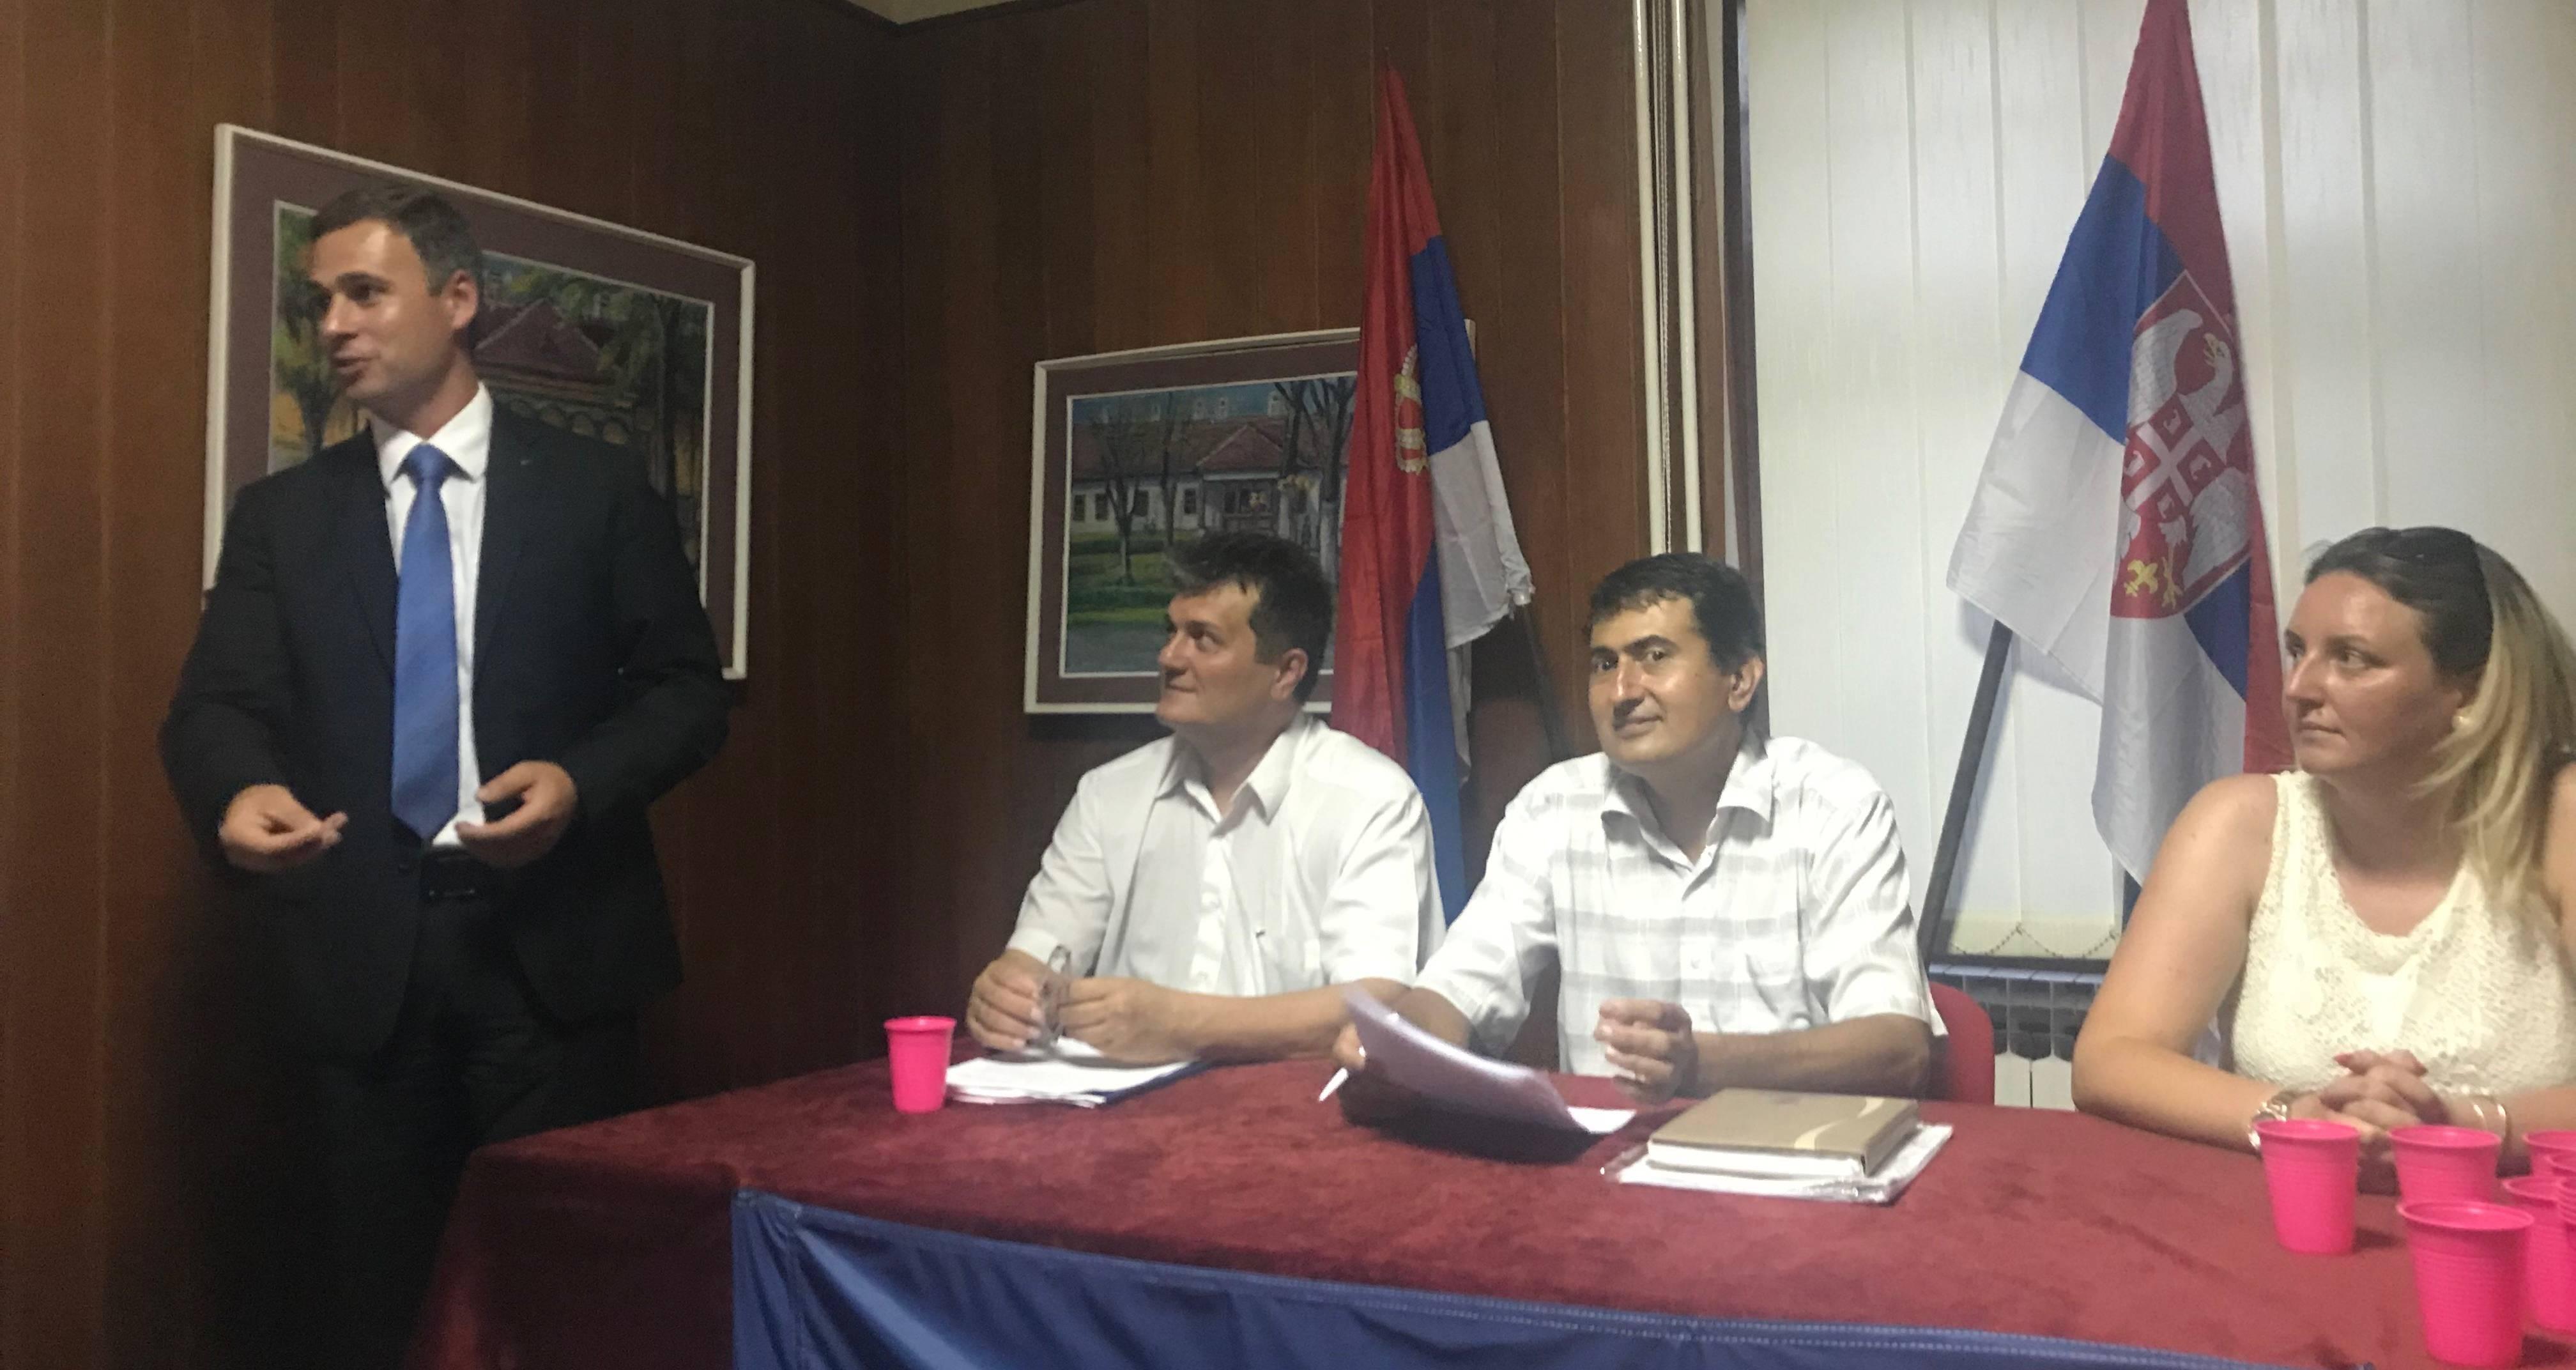 Владимирци: Основан Општински одбор Народне странке